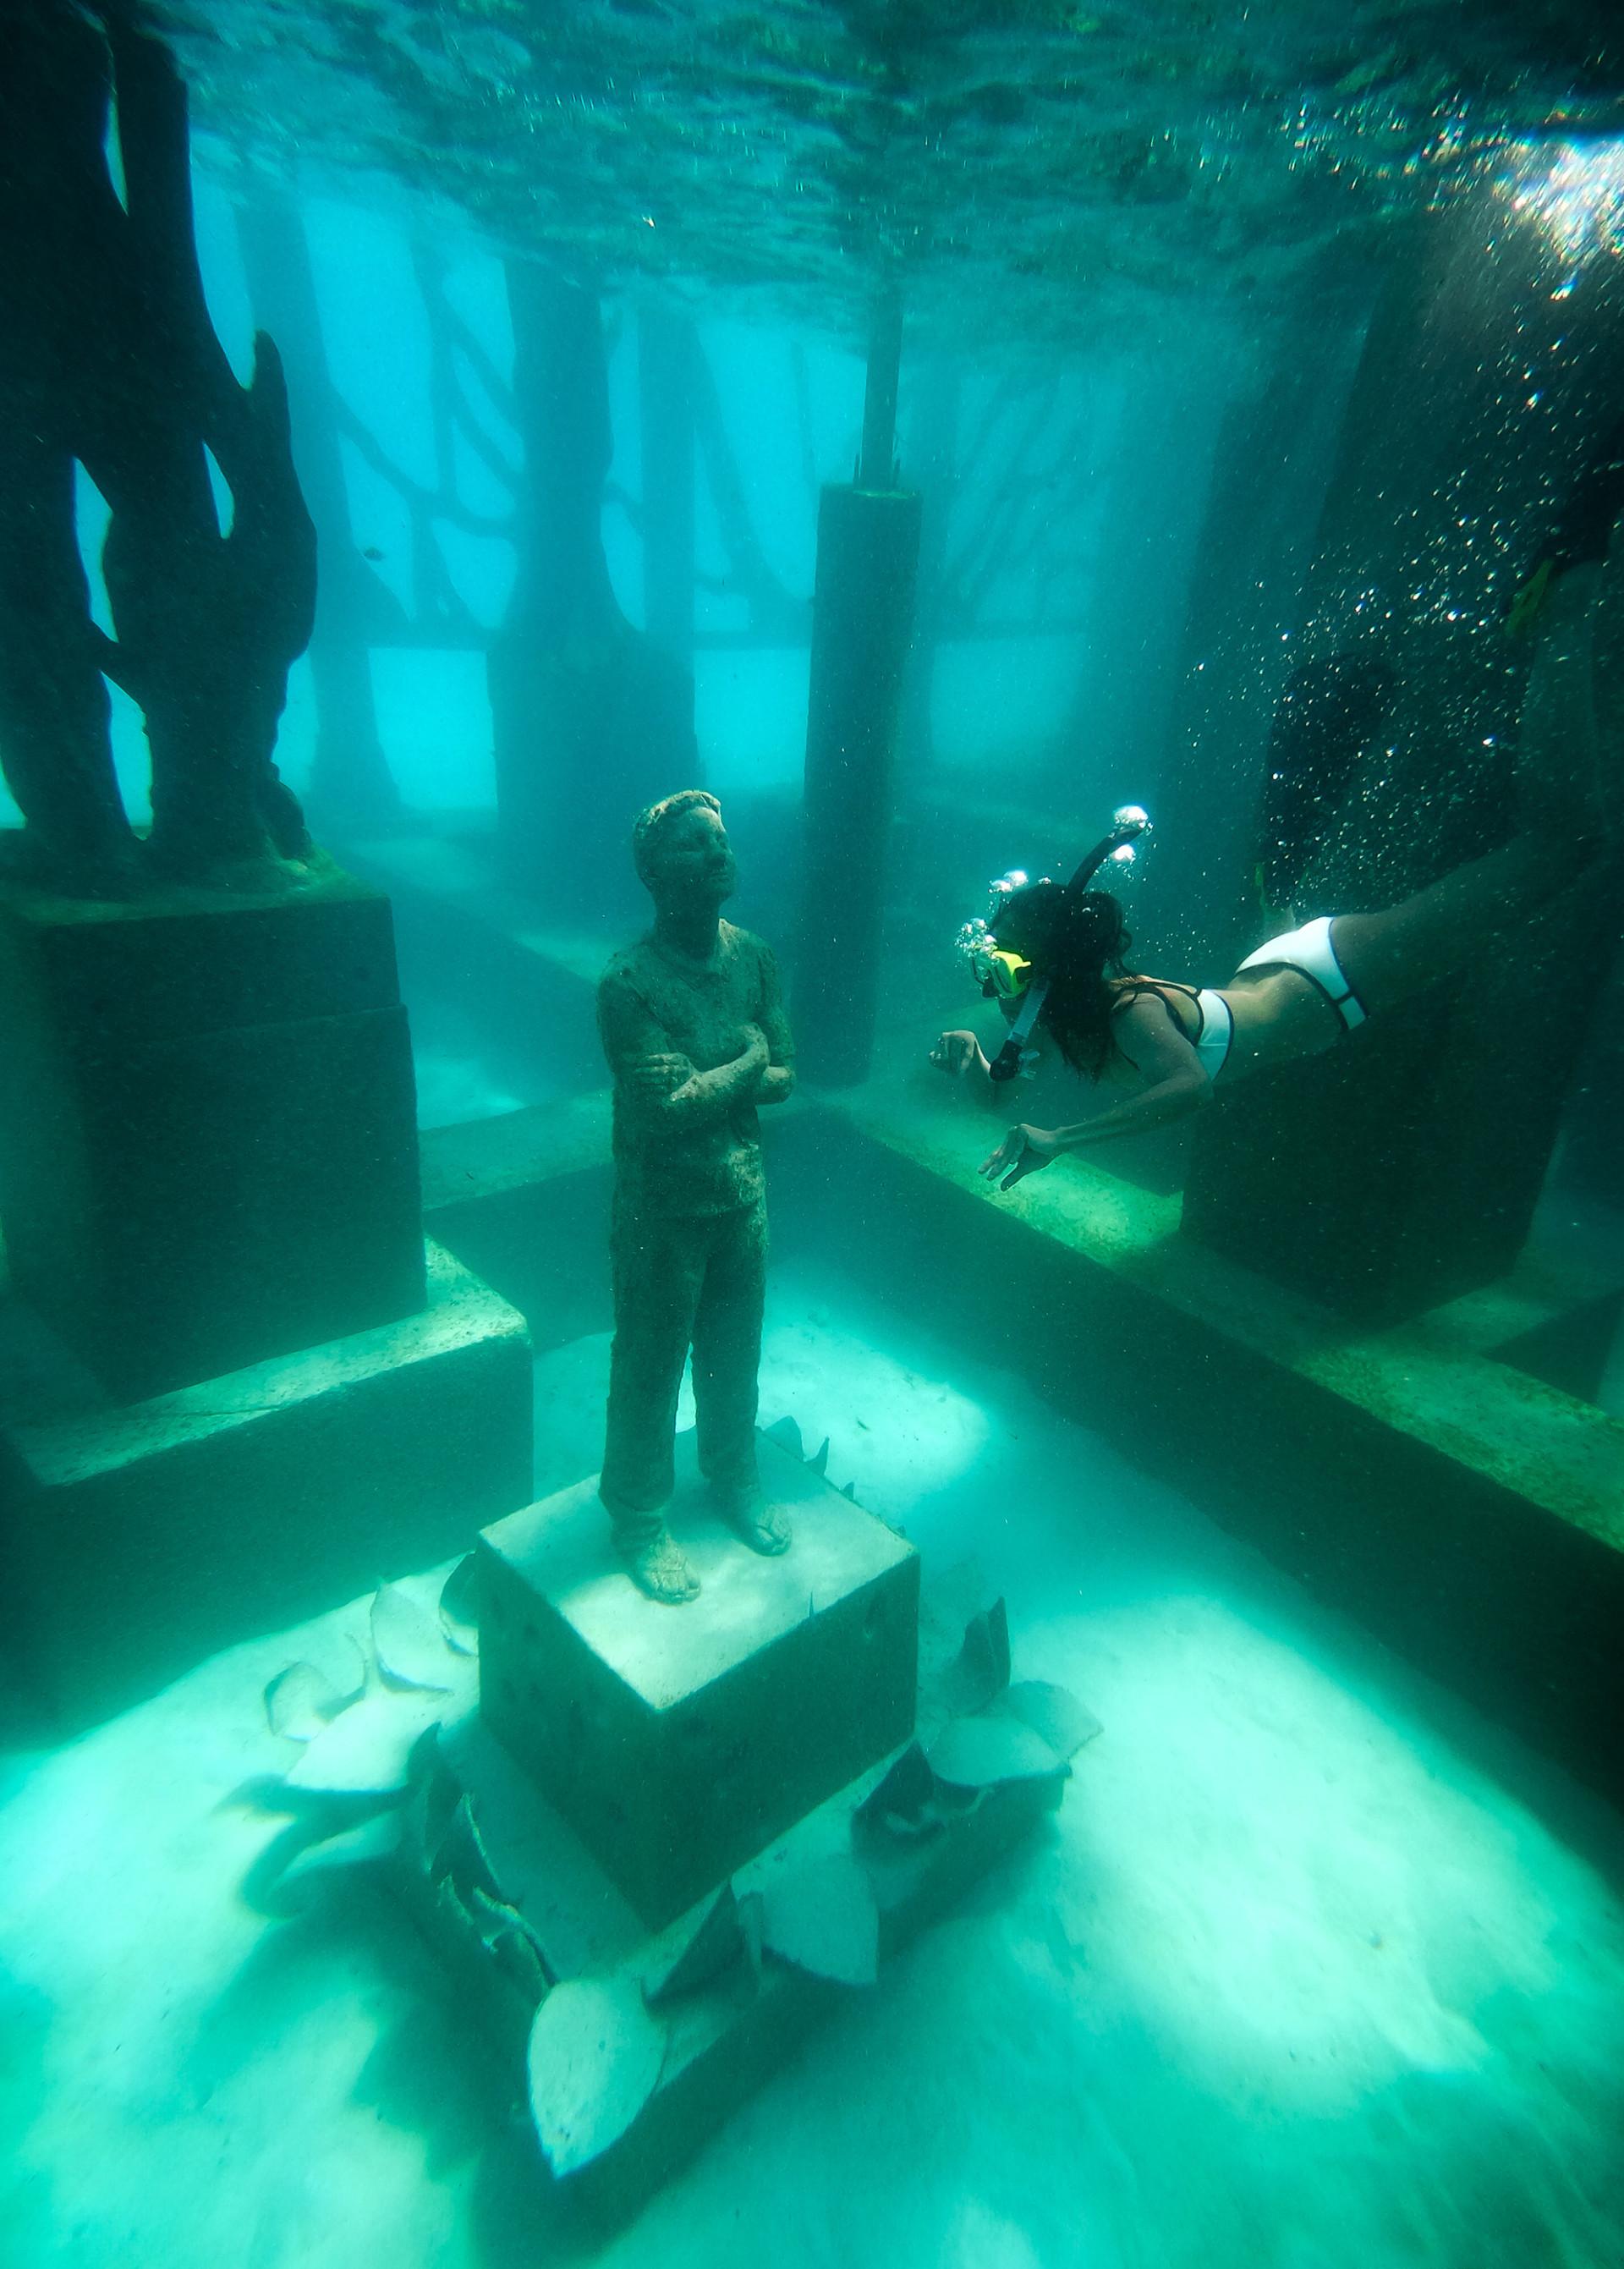 coralarium-10-960x1341@2x.jpg